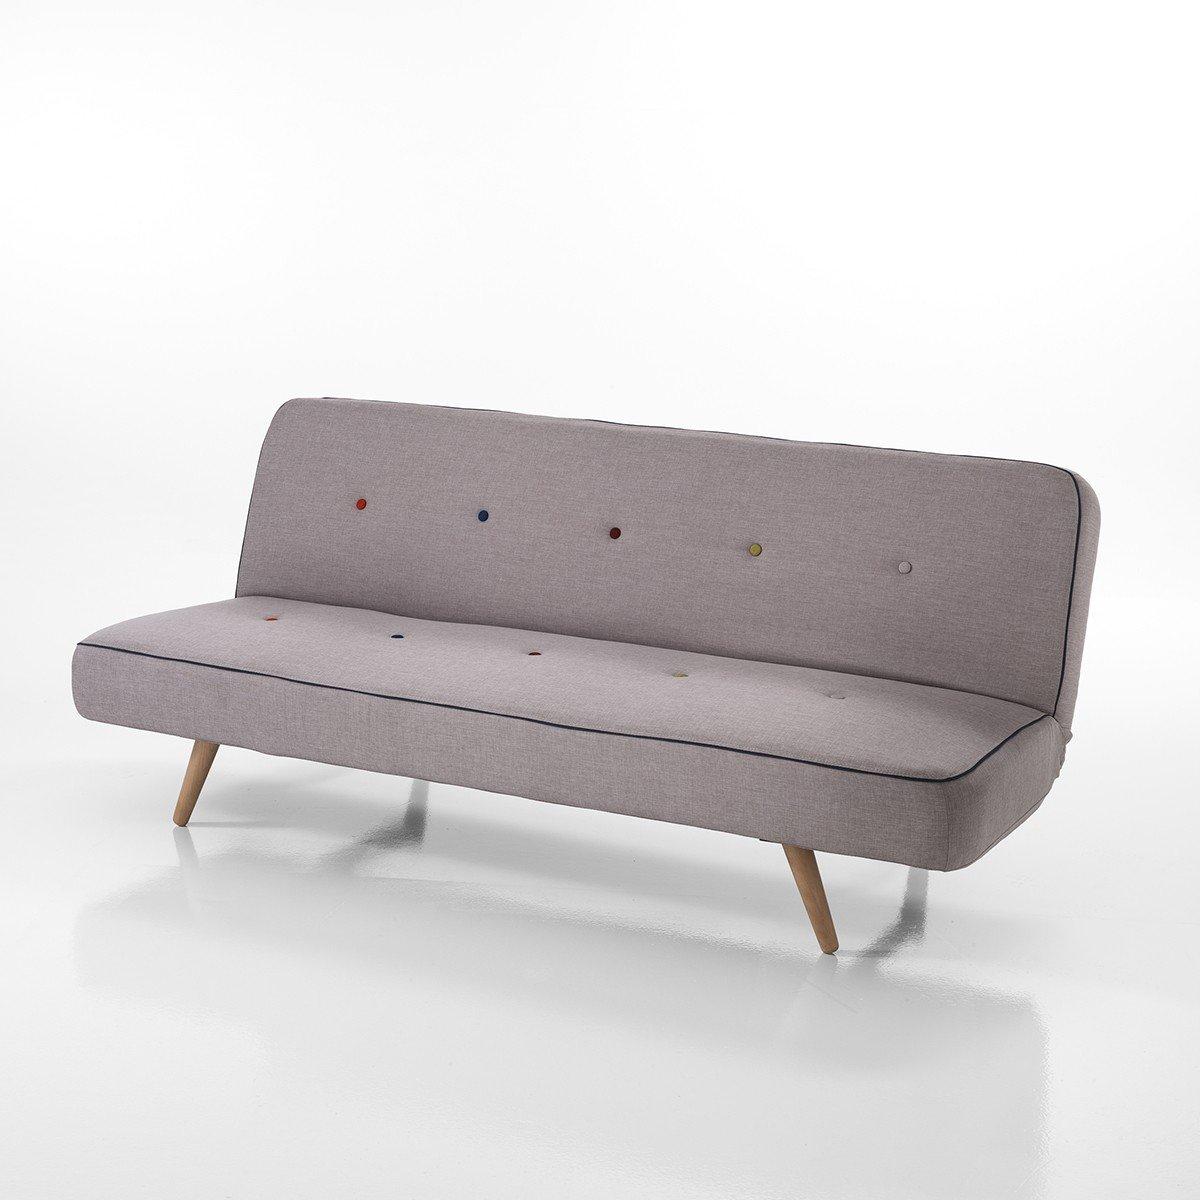 Letto futon usato design casa creativa e mobili ispiratori - Letto futon ikea prezzo ...